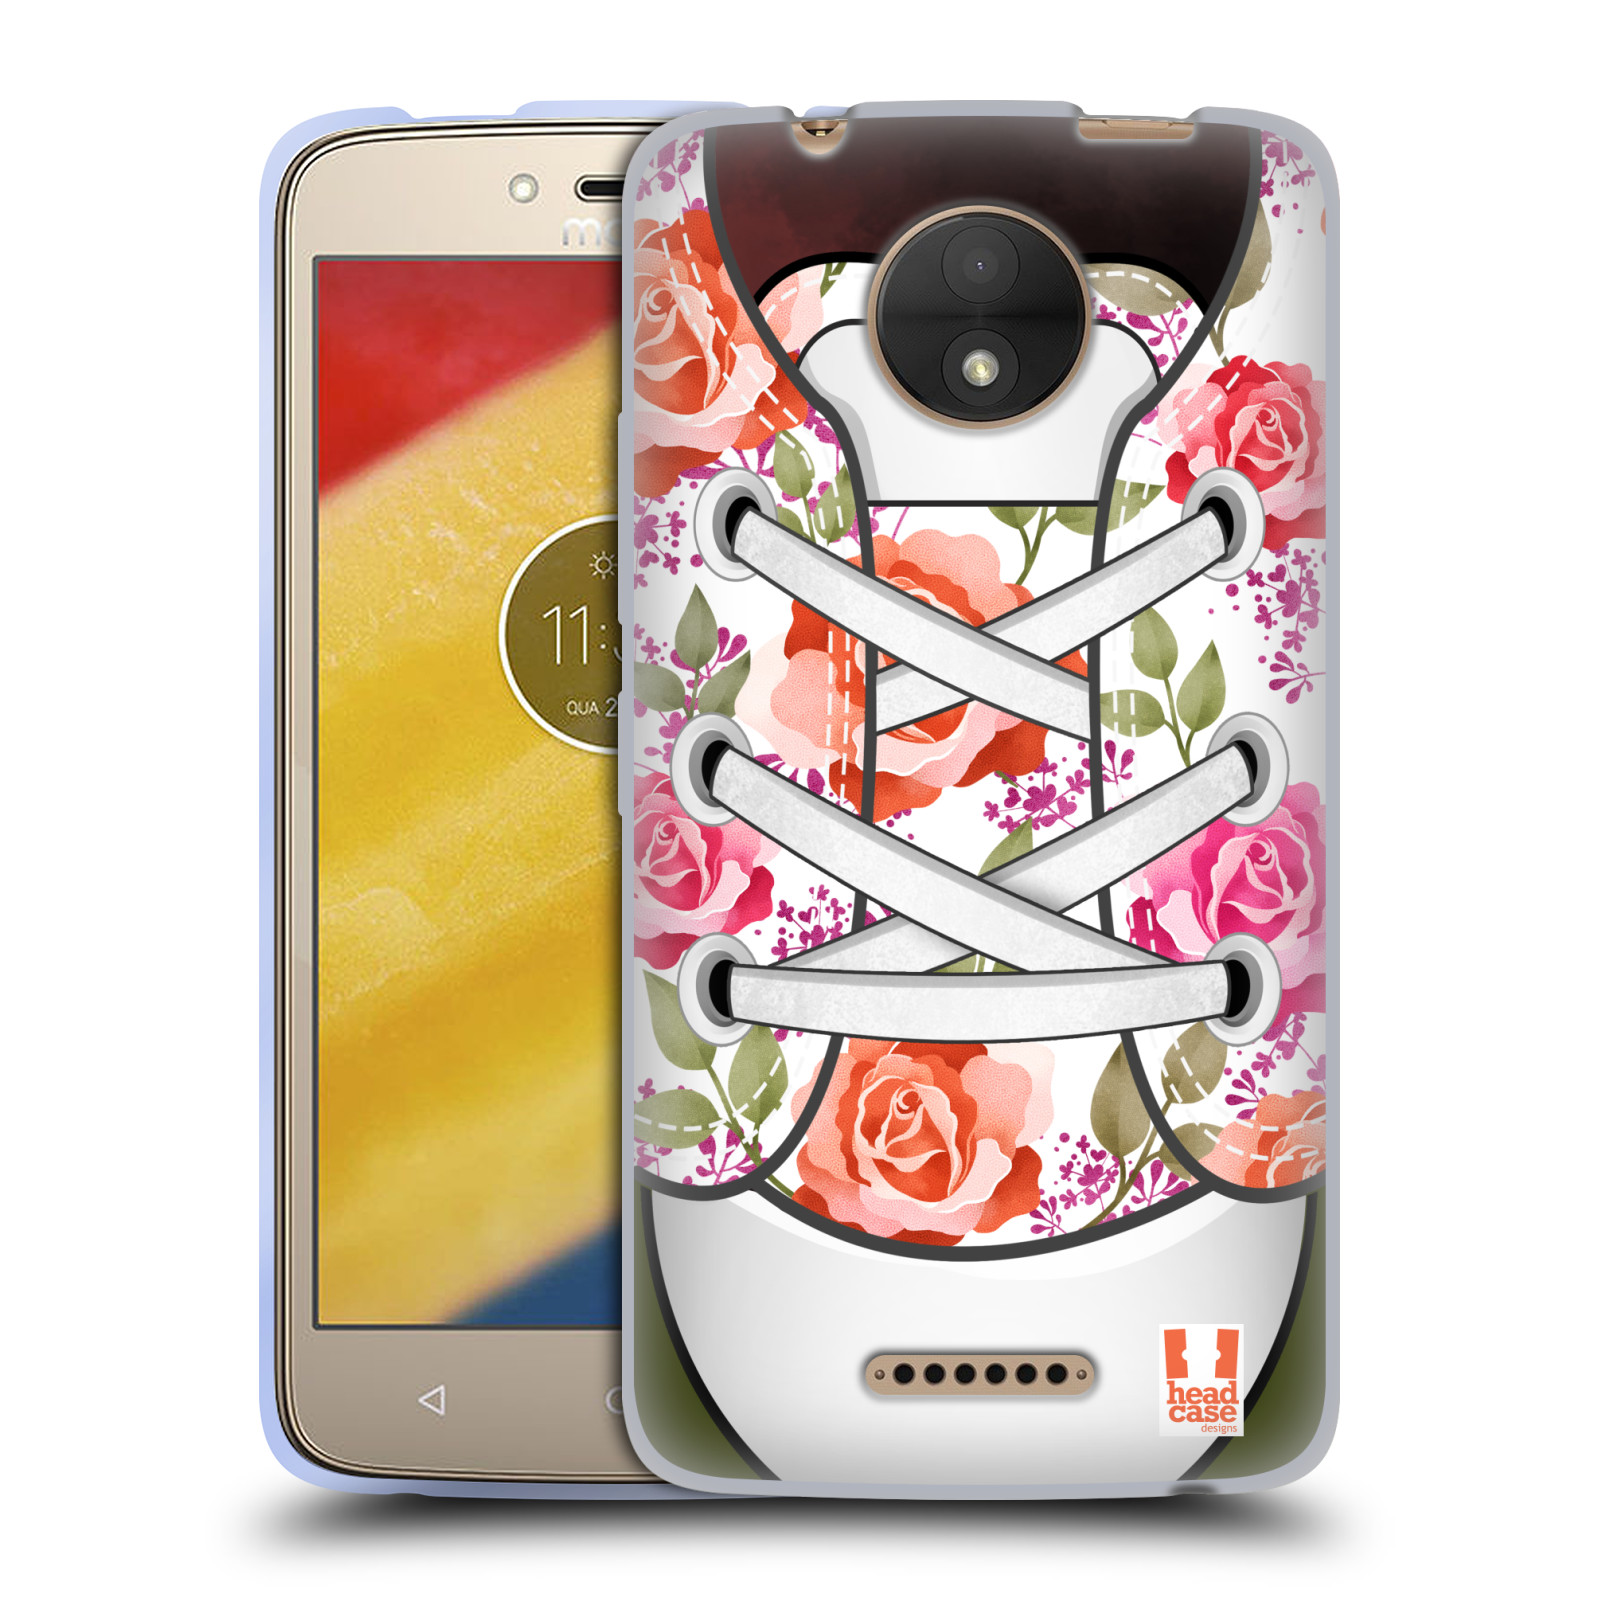 Funda HEAD CASE DESIGNS de la colección de arte del Zapato Gel Suave Carcasa Para Motorola Moto C